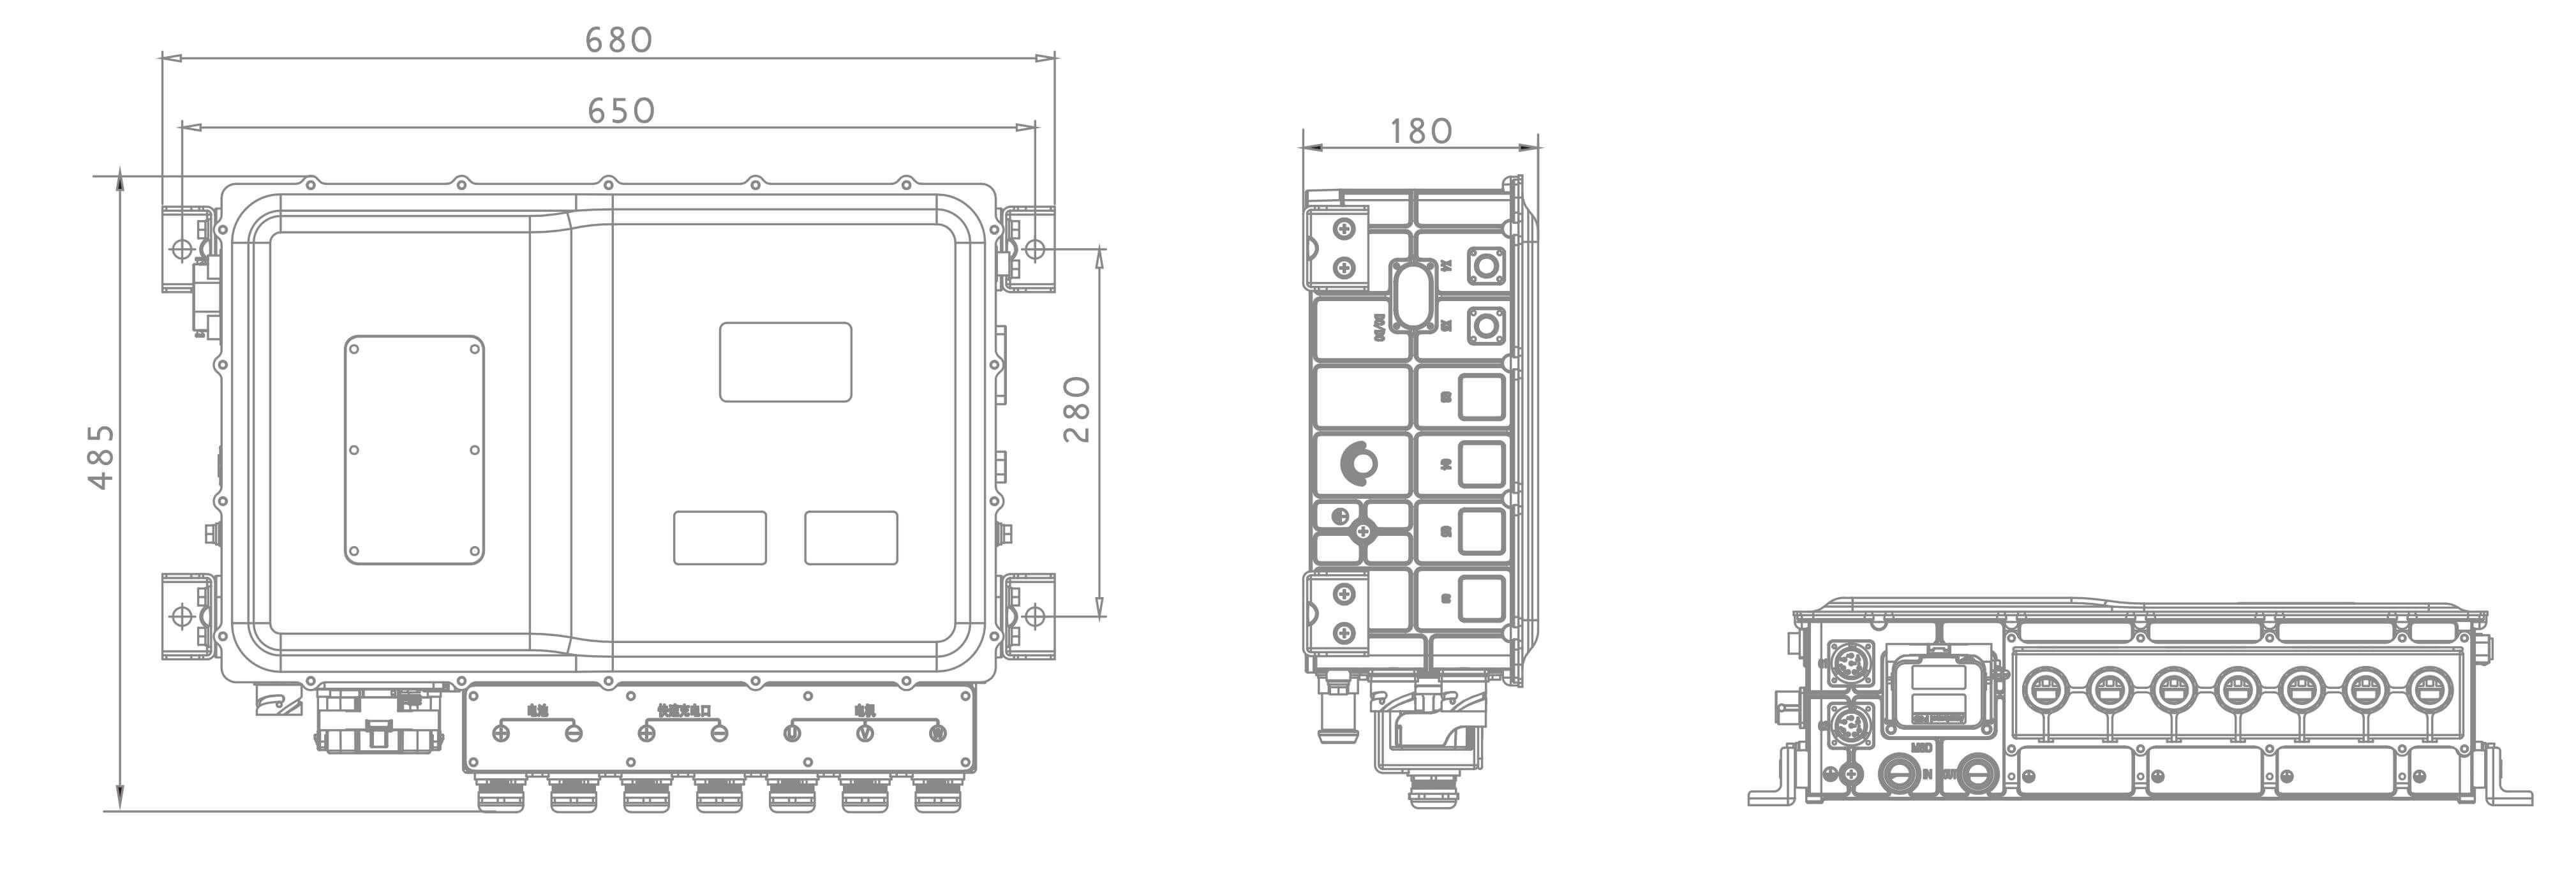 V6-H-4D120G/V6-H-2D60G